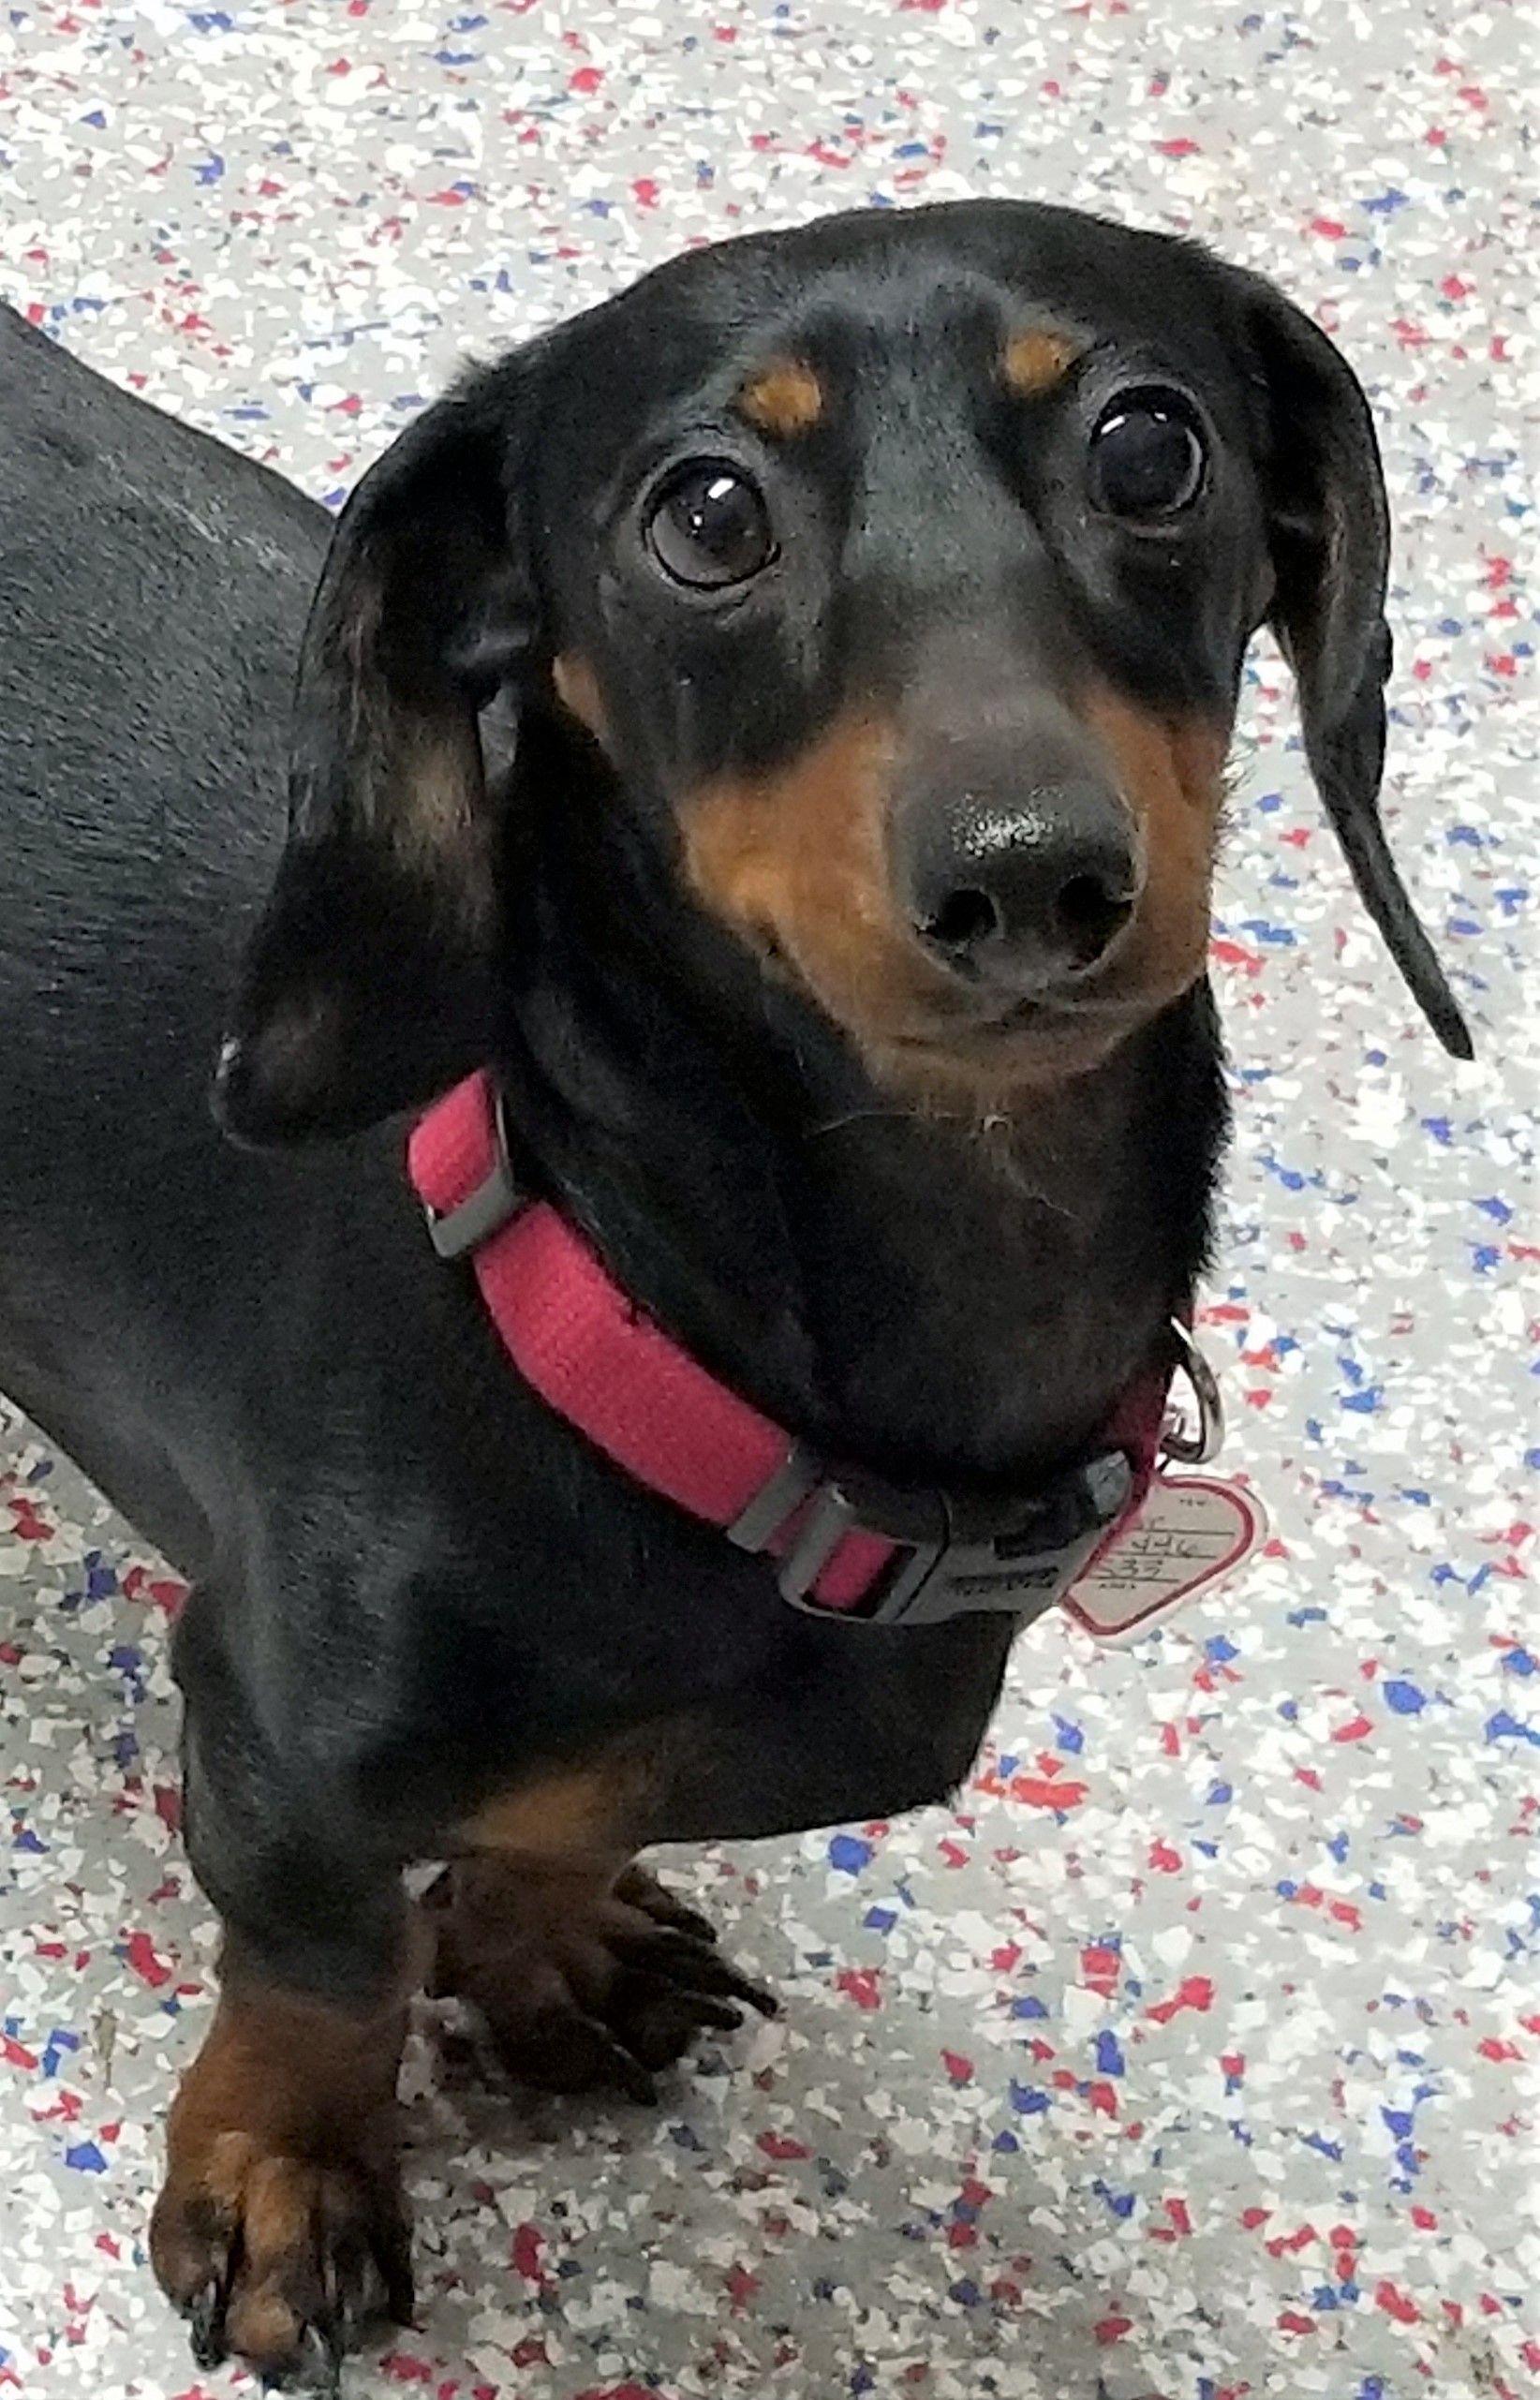 Dachshund dog for Adoption in Lewisburg, TN. ADN781388 on